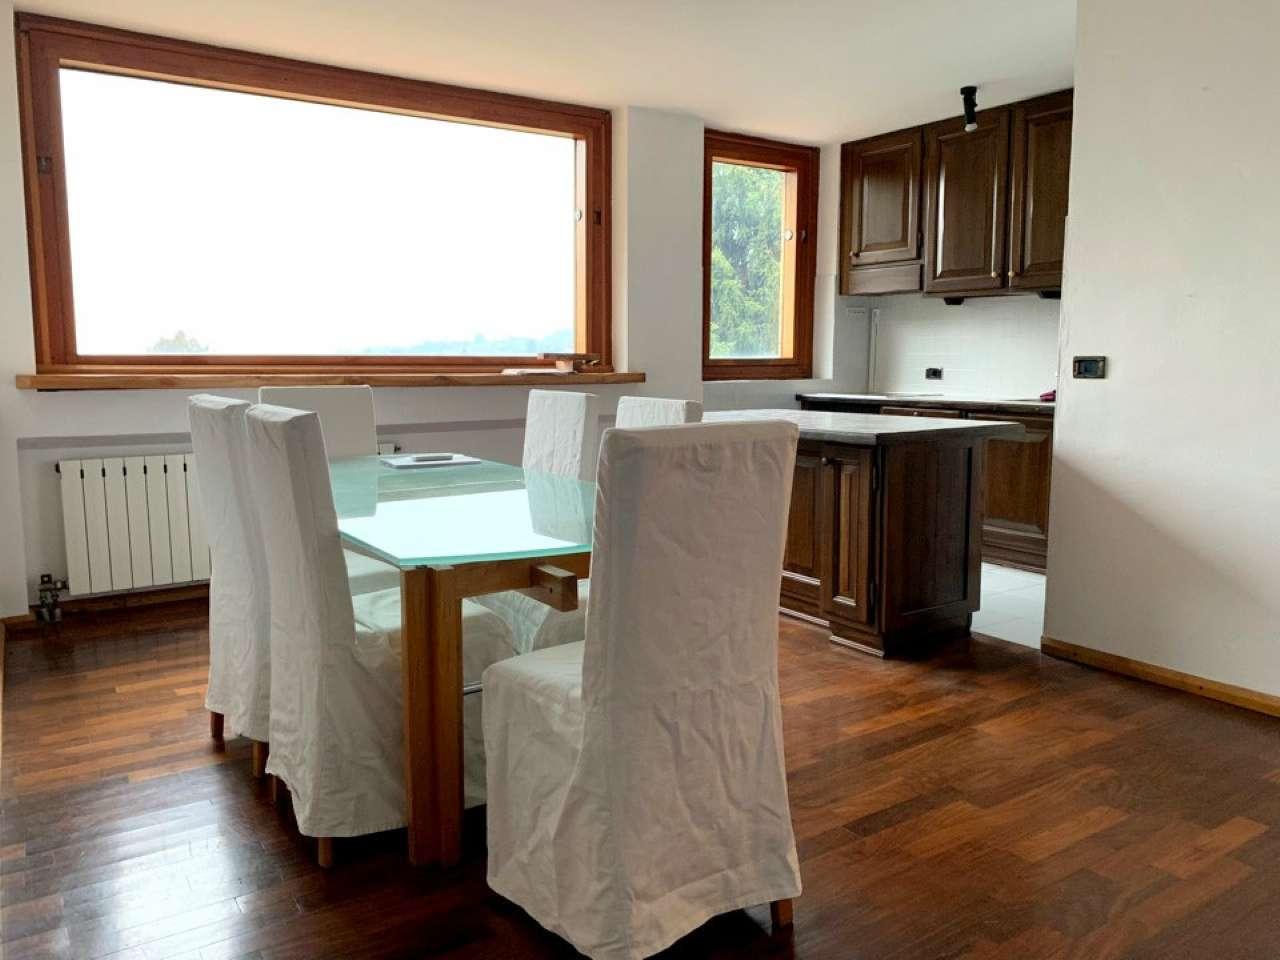 Appartamento in affitto a Moncalieri, 2 locali, prezzo € 670 | PortaleAgenzieImmobiliari.it